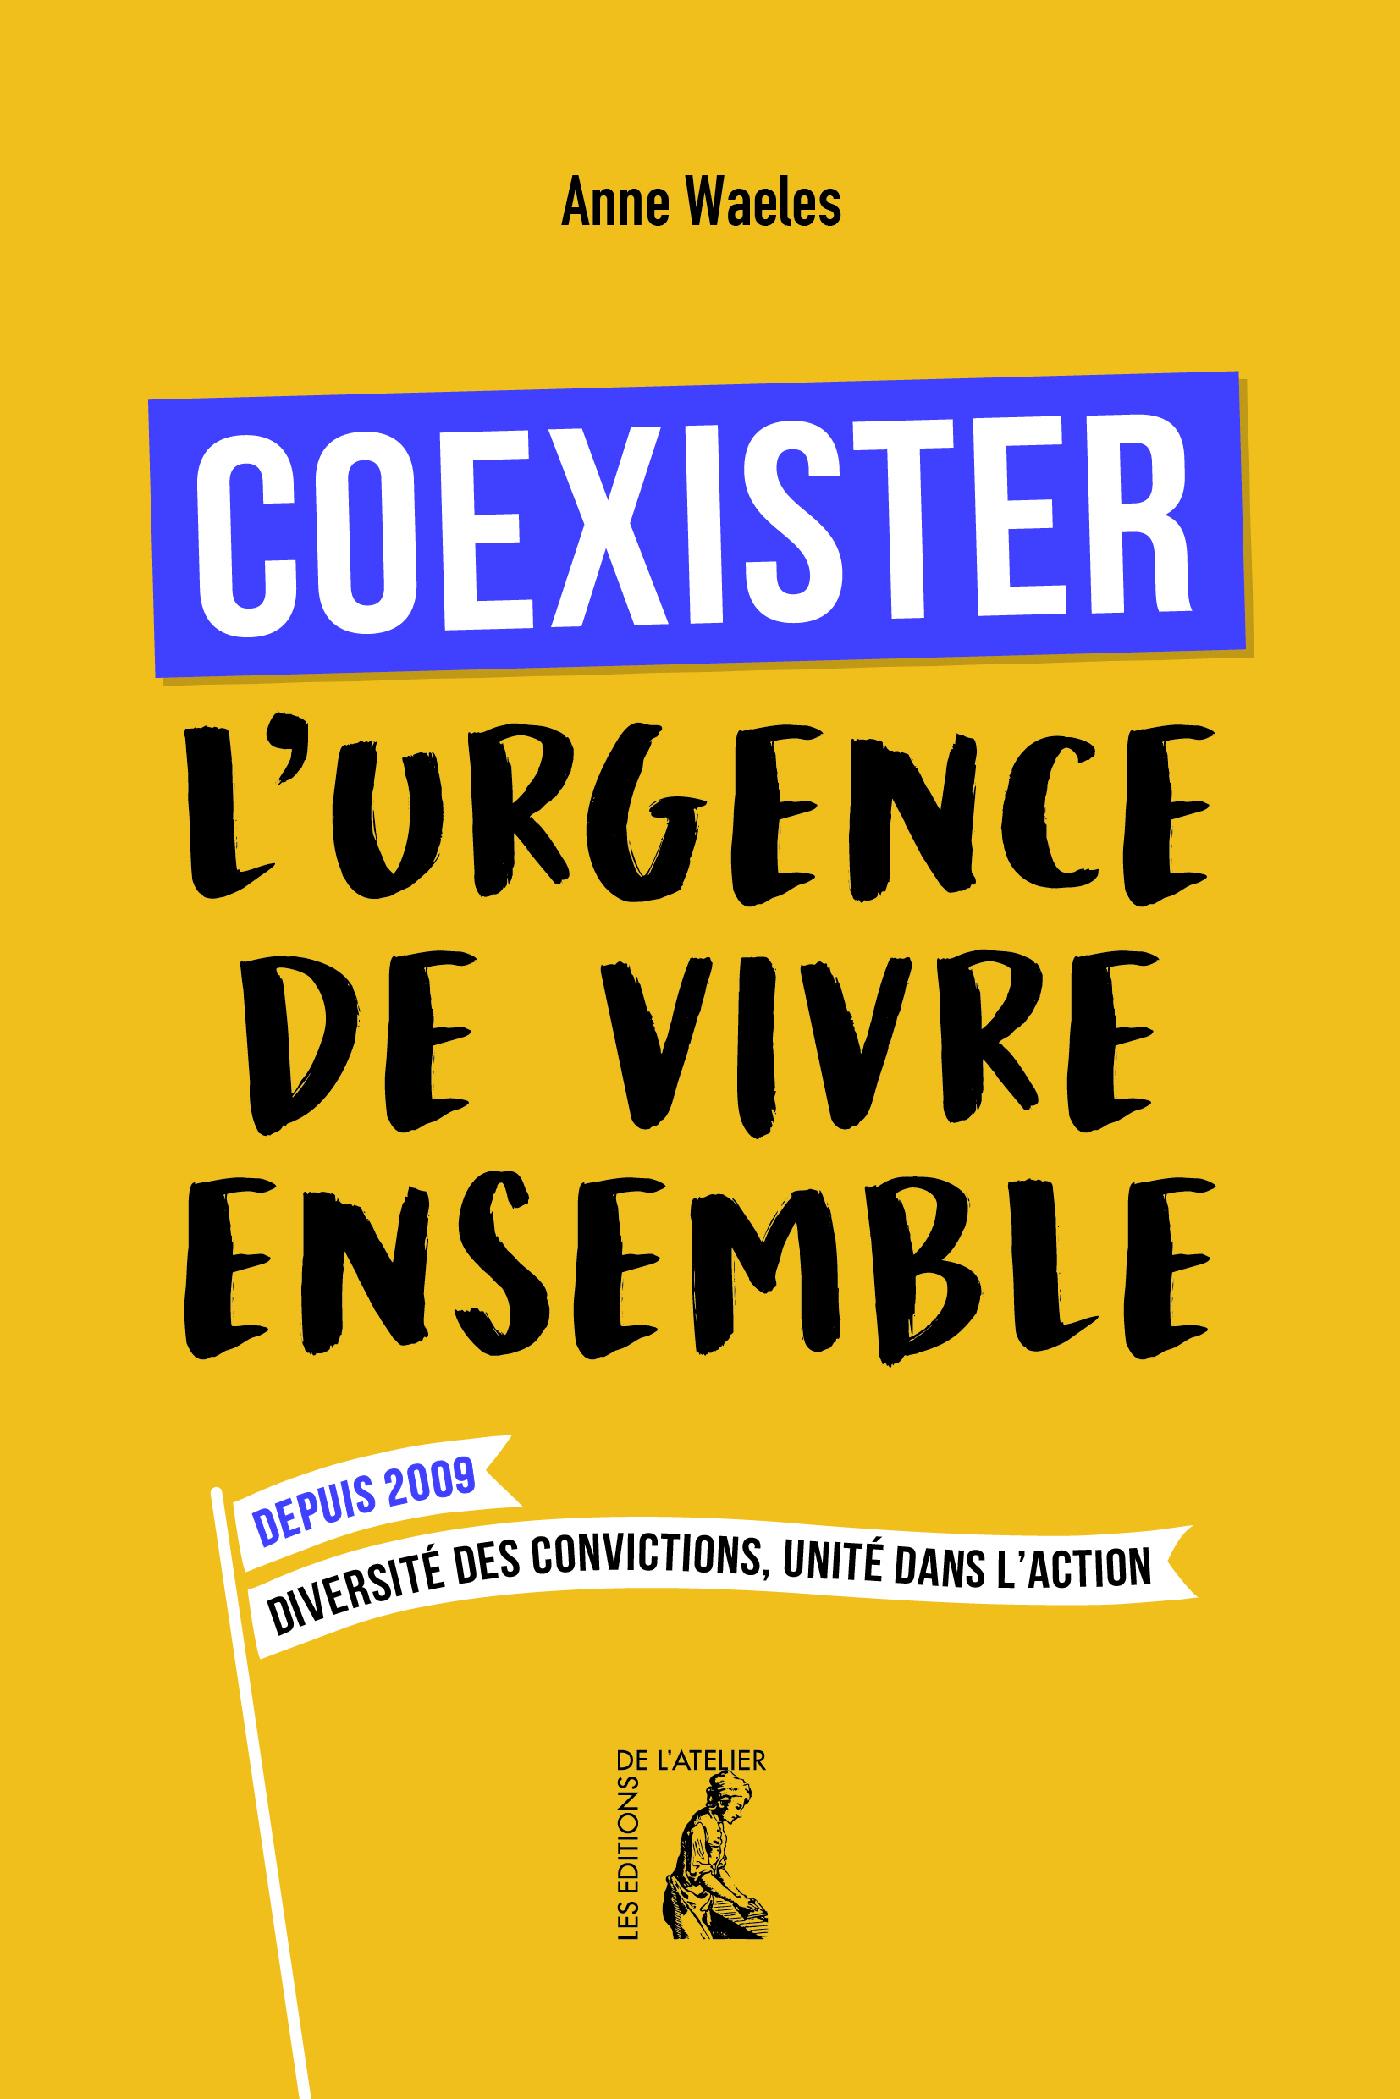 COEXISTER, L'URGENCE DE VIVRE ENSEMBLE